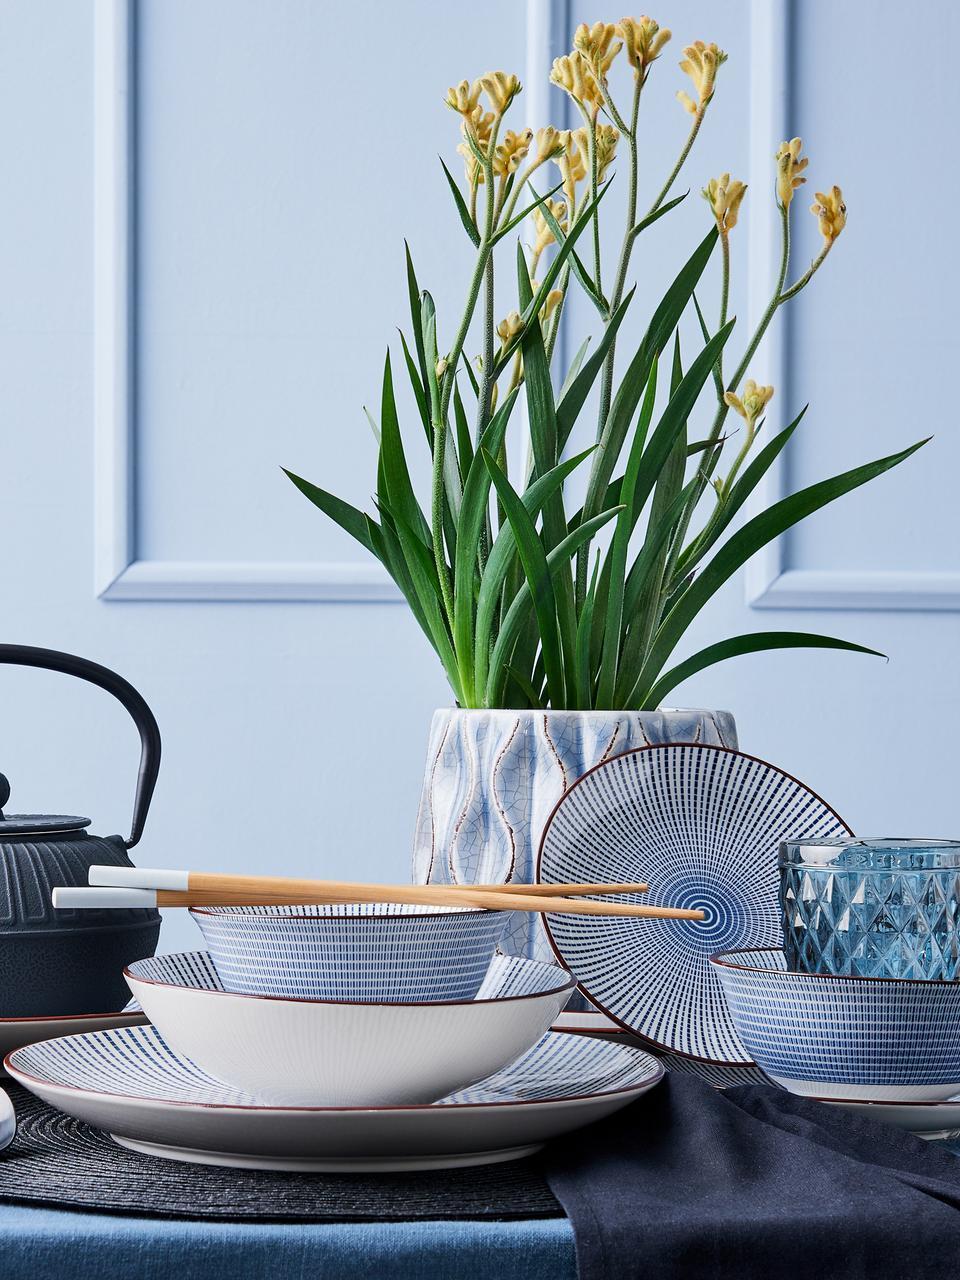 Komplet naczyń DIm Sum, 12 elem., Ceramika, Niebieski, biały, brązowy, Komplet z różnymi rozmiarami